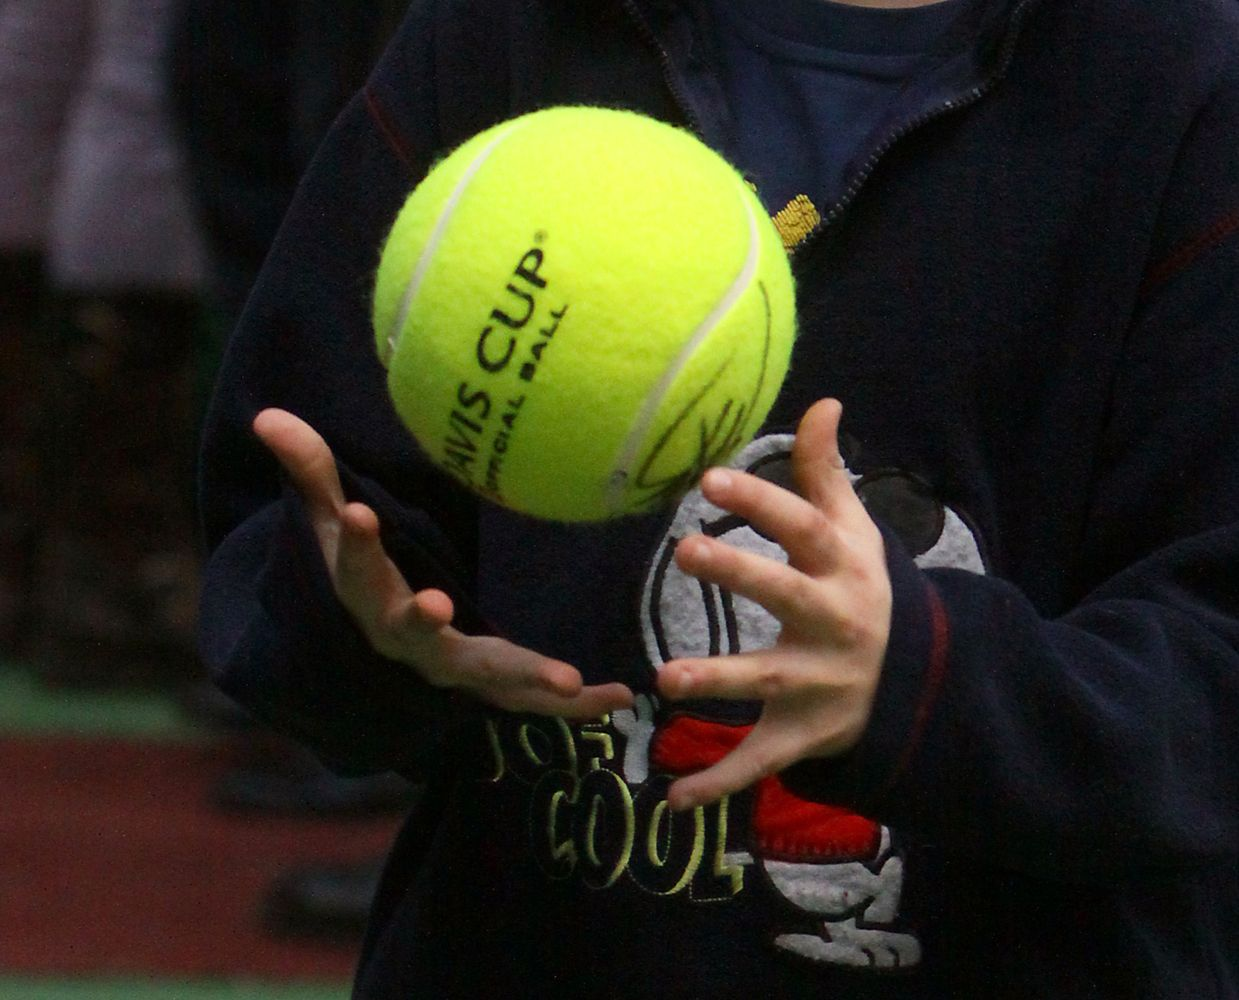 Vilniuje planuojamos iki 3,5 mln. Eur investicijos įnaują teniso centrą